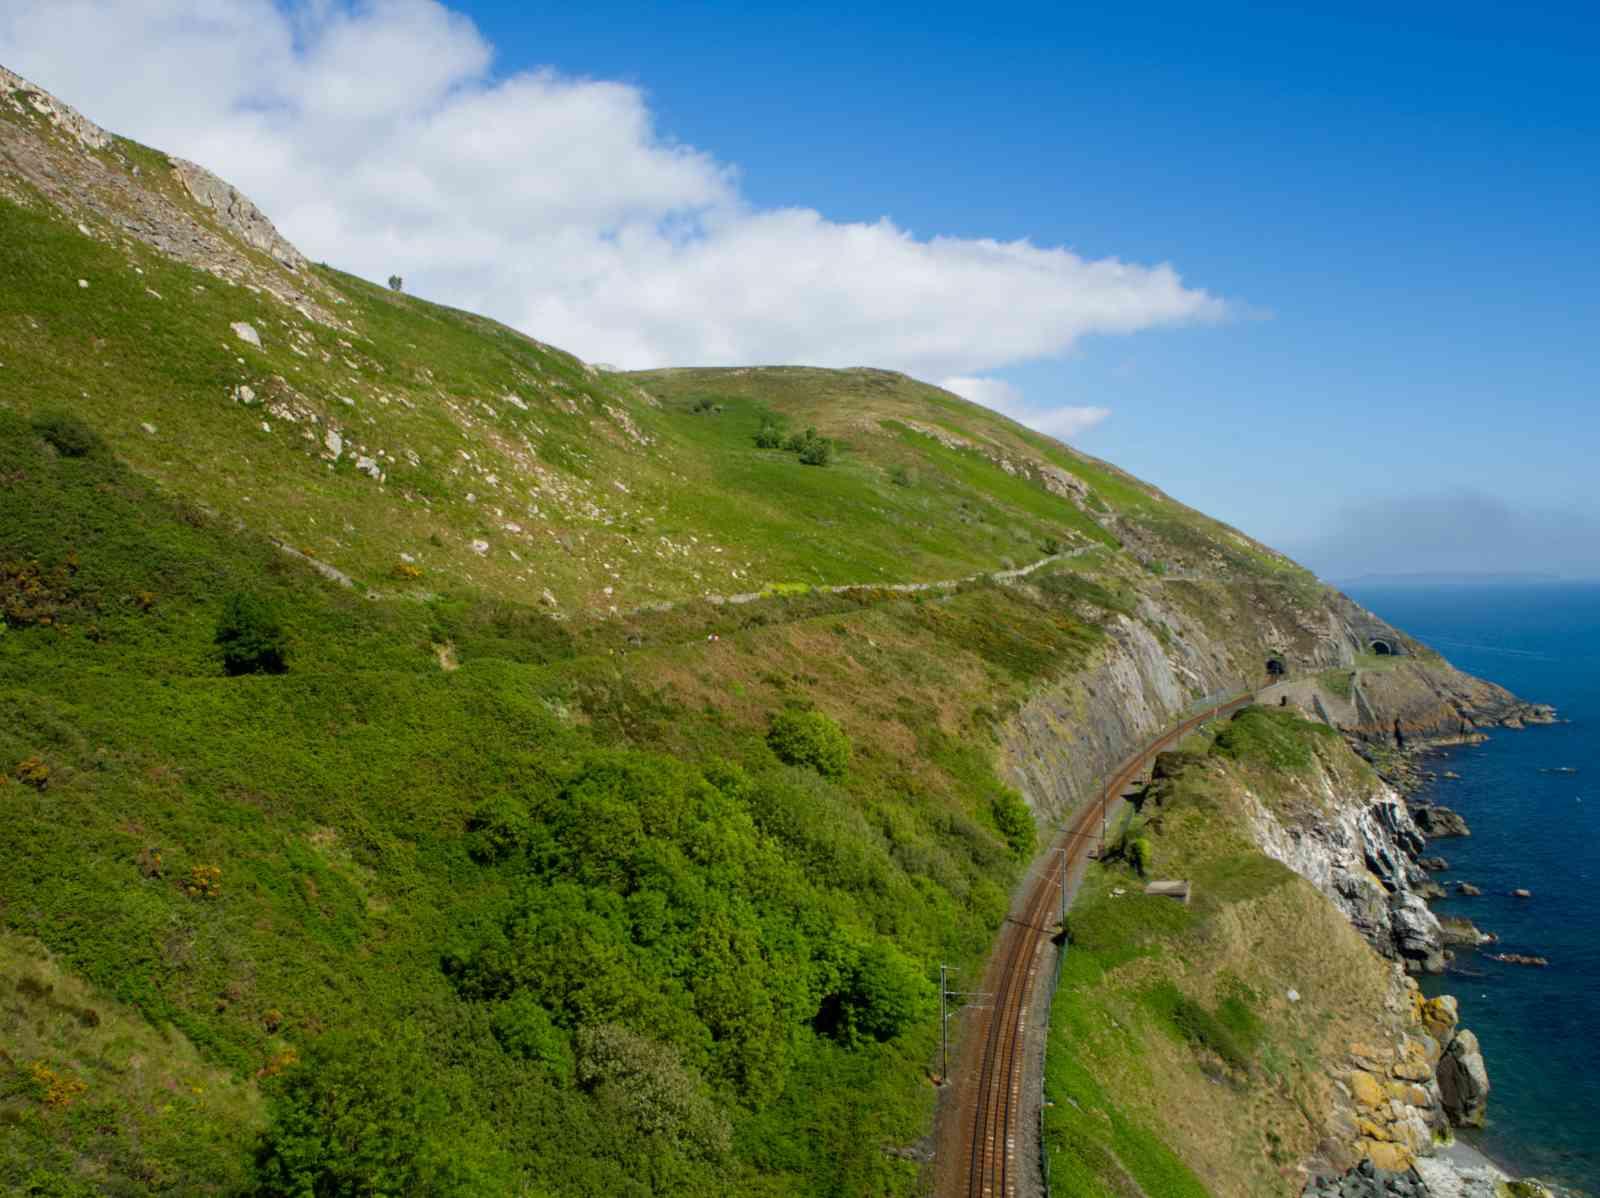 Irland - Cliff-Walk nach Greystones